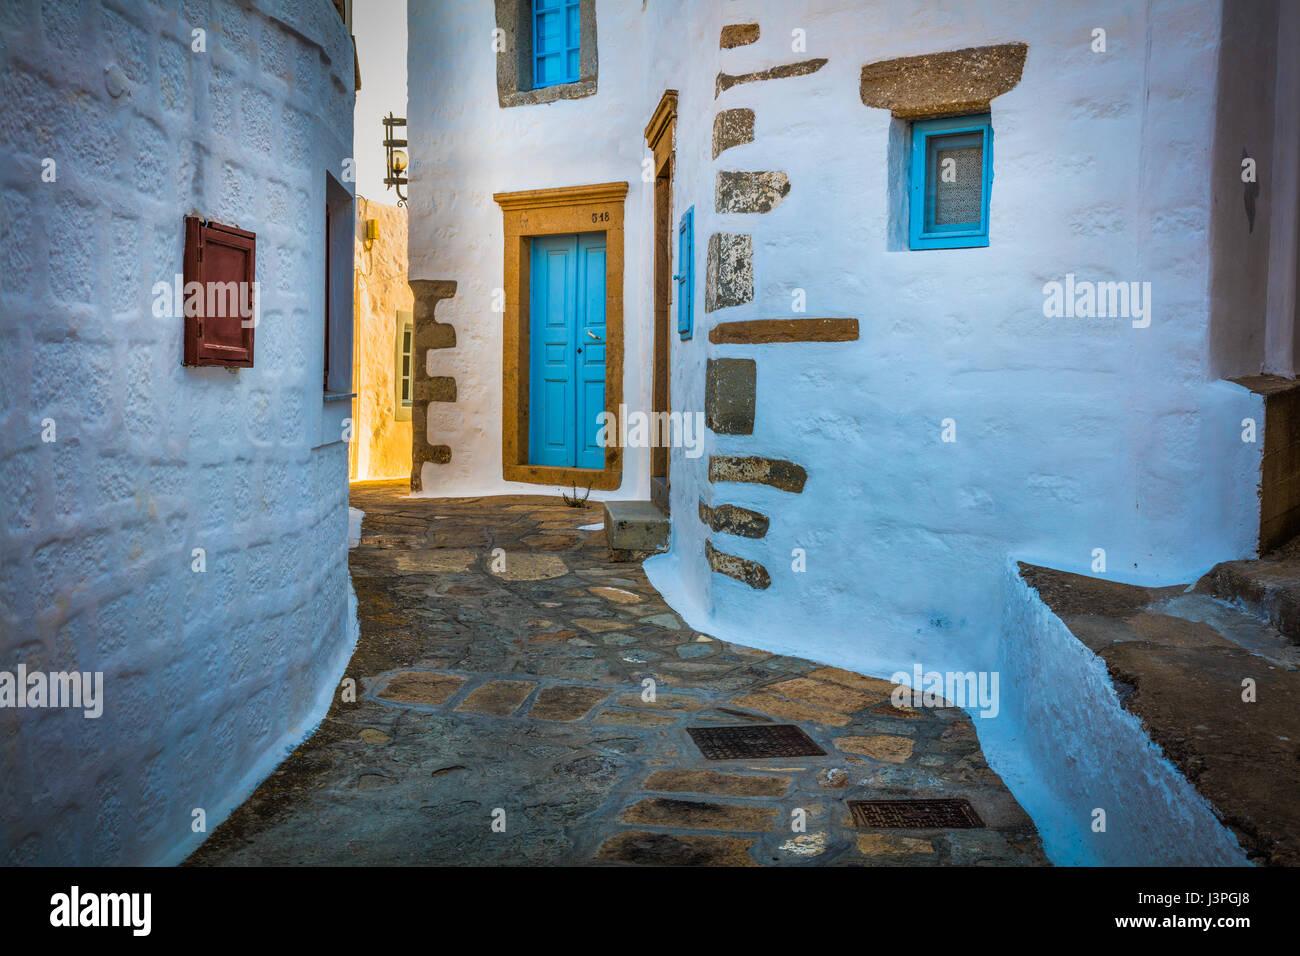 Street à Chora sur l'île grecque de Patmos. Patmos est une petite île grecque dans la mer Egée. Photo Stock